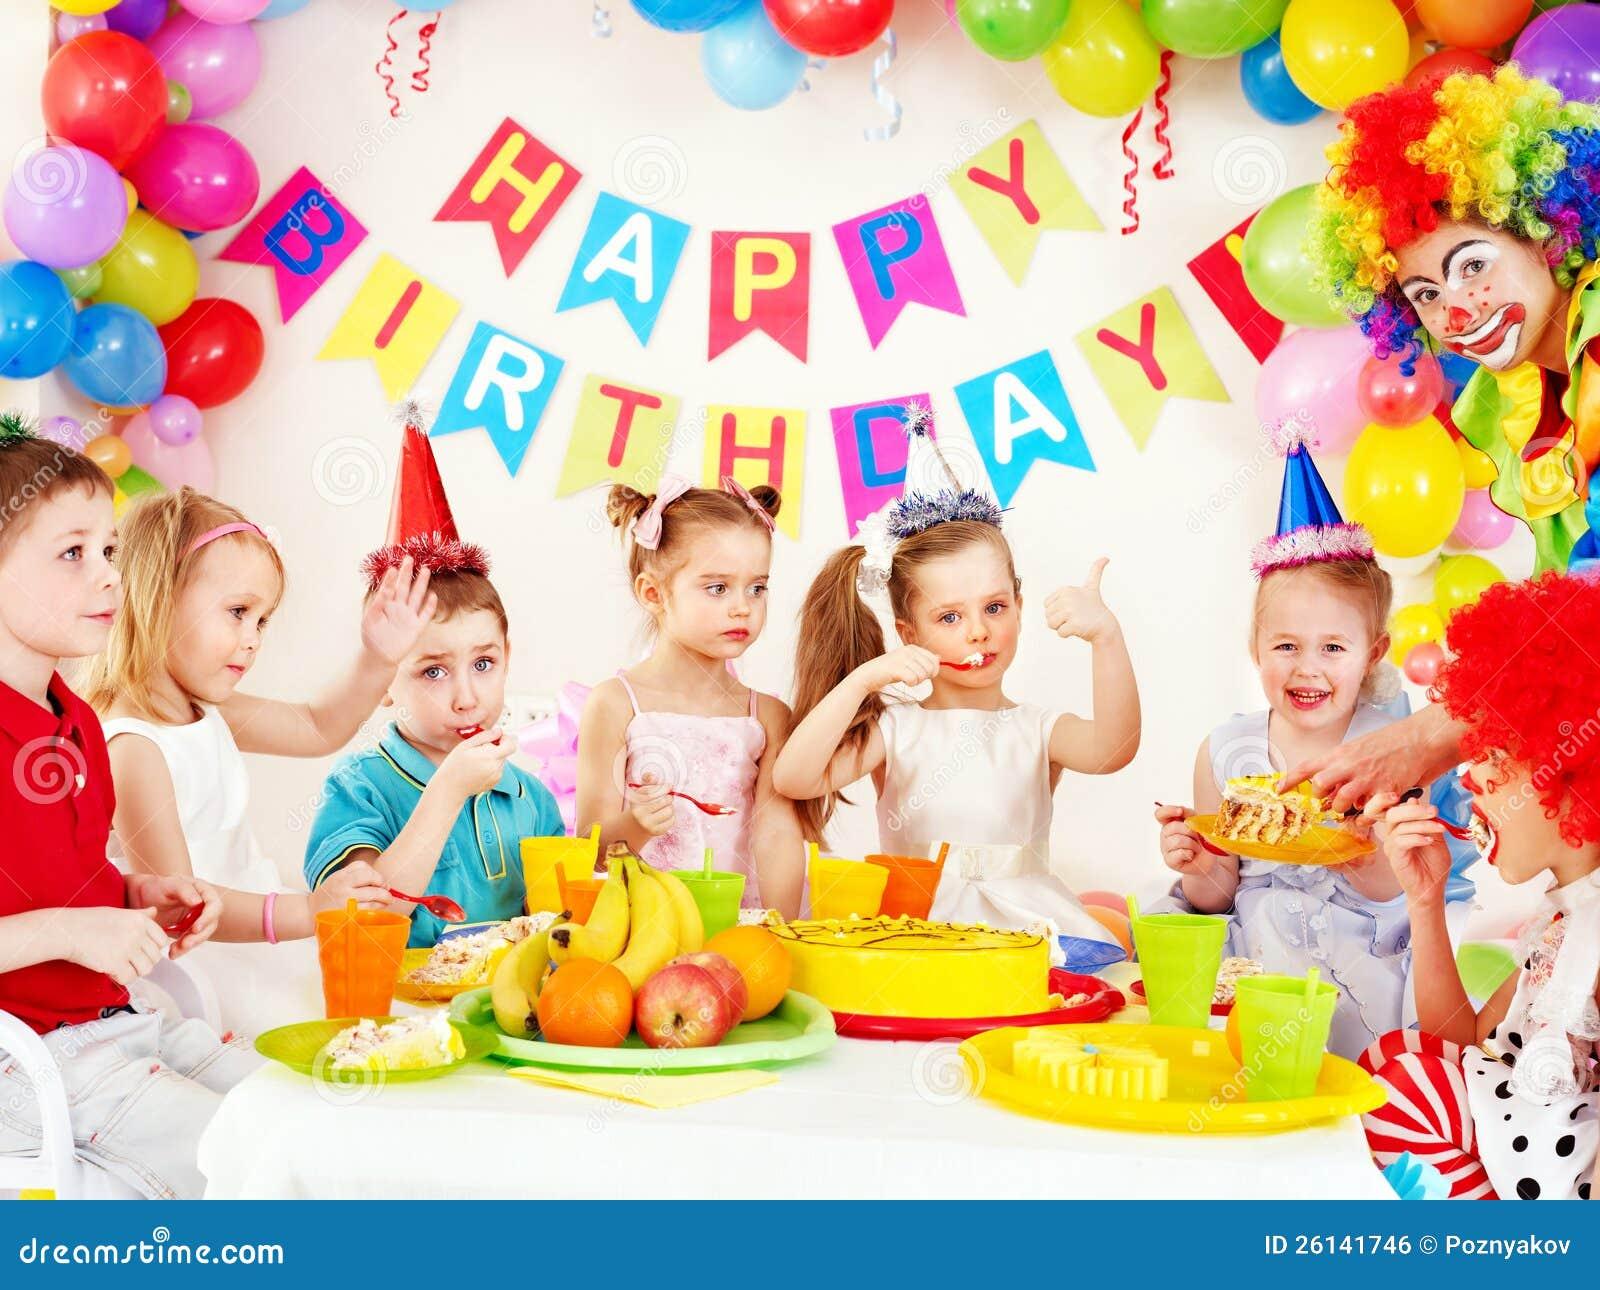 Fiesta de cumpleaños del niño.